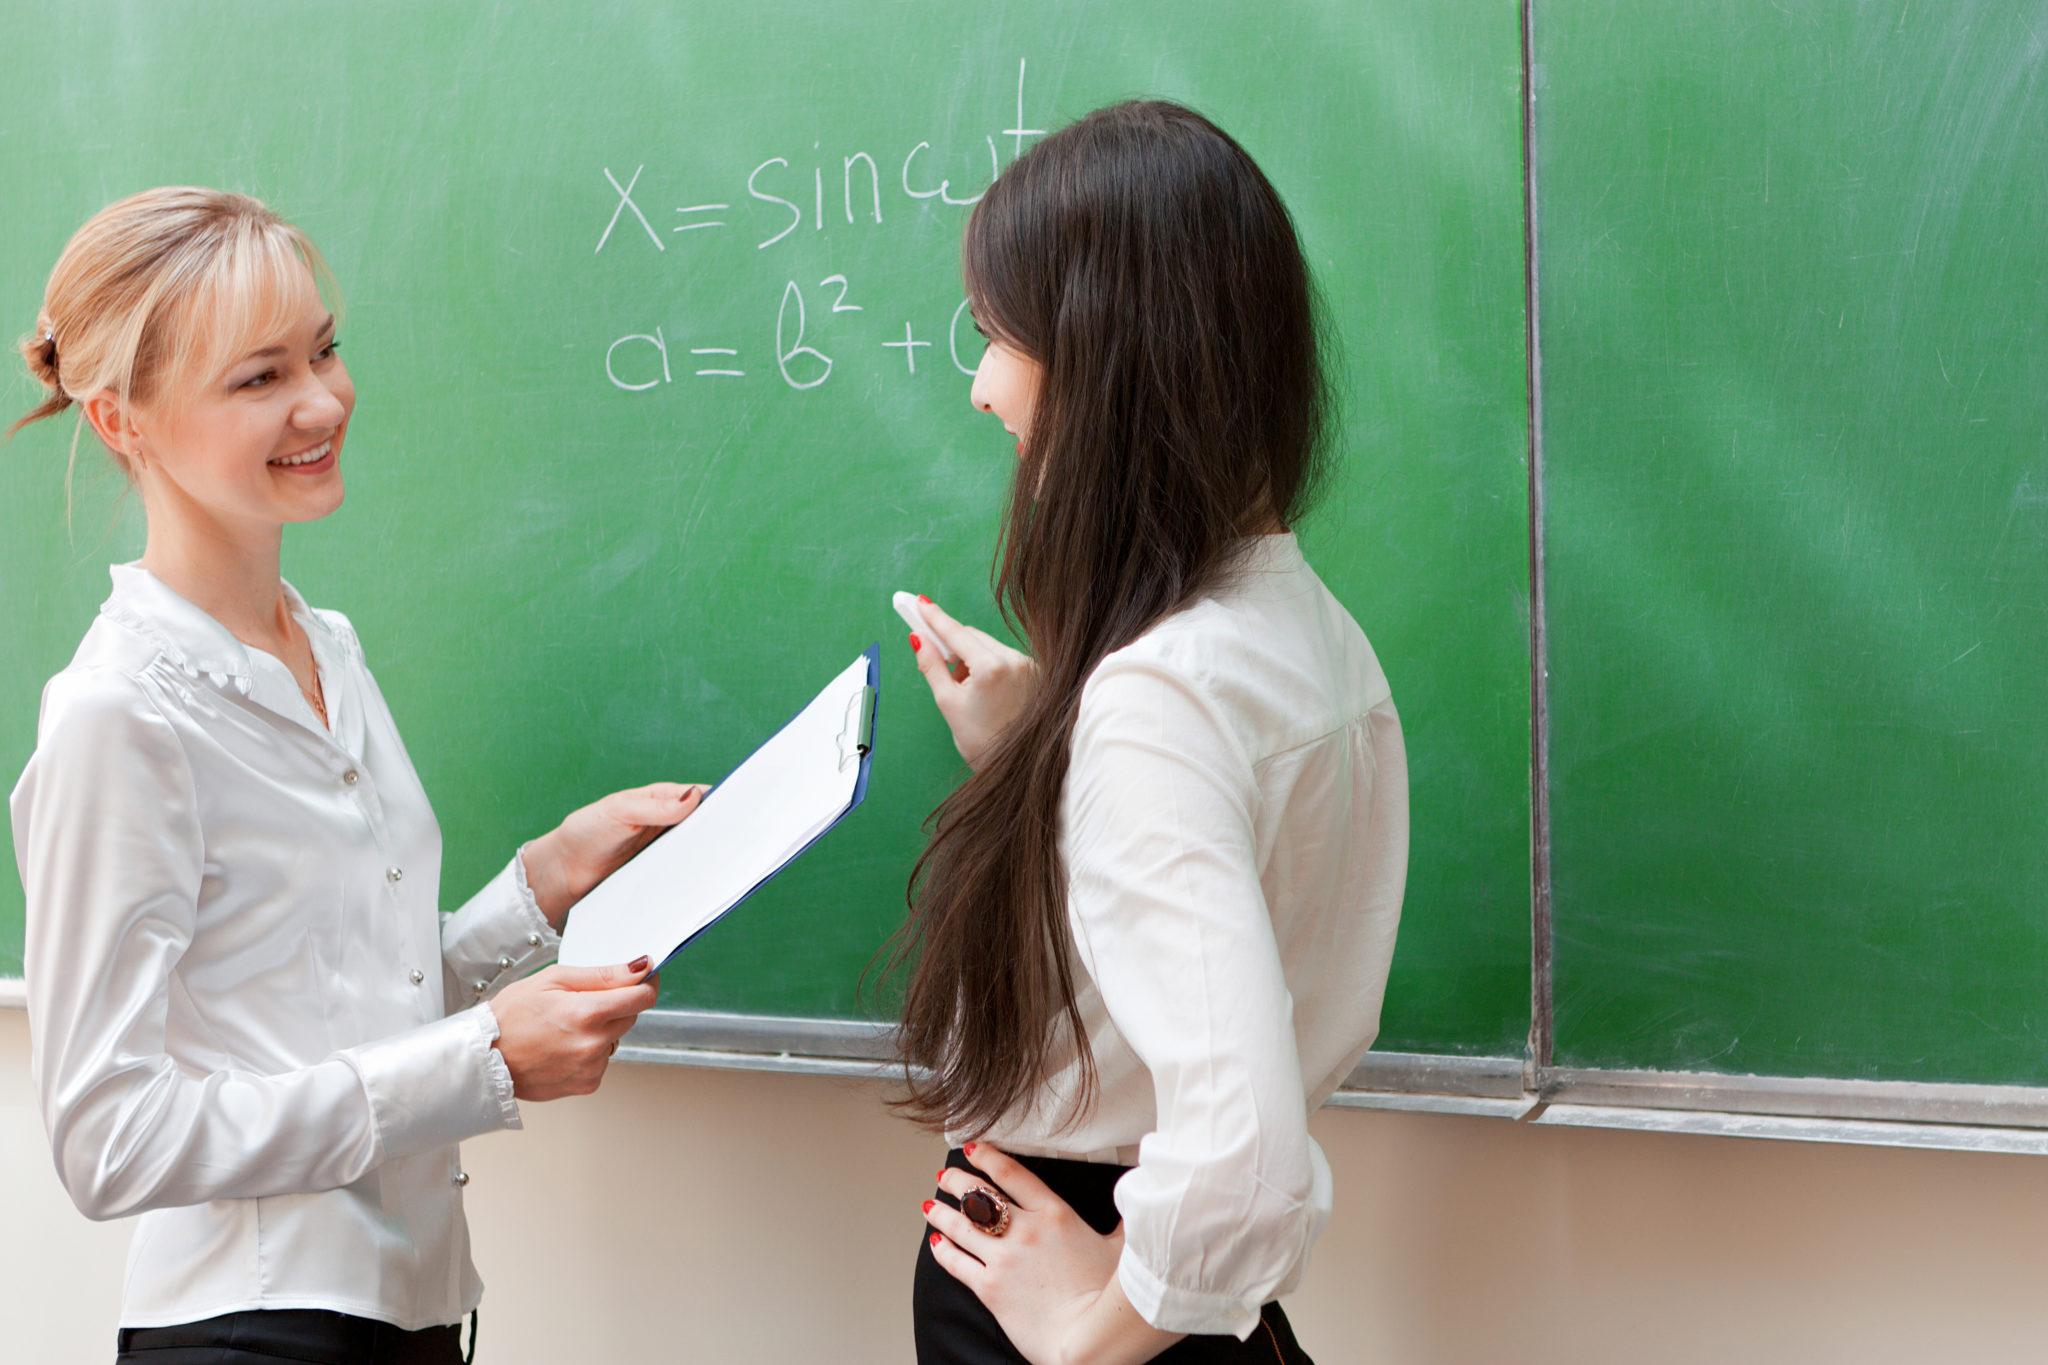 ¡Nuevos empleos para profesores! Trabajo para profesor de Historia en Sevilla, trabajo para profesor en Santander, trabajo para profesor de Matemáticas